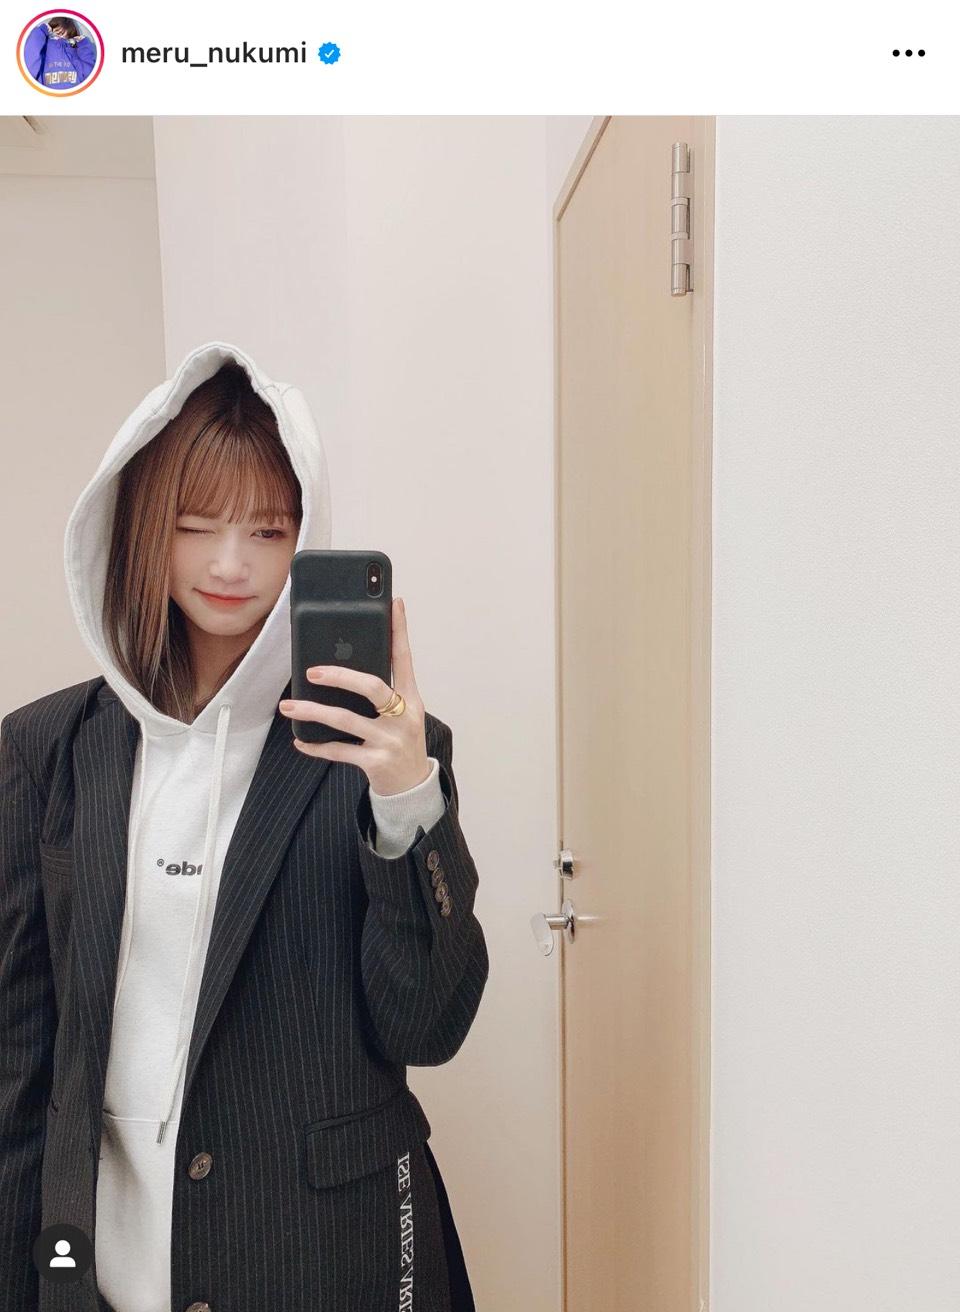 めるる、パーカー×ジャケットの私服コーデに反響「大人っぽい」「憧れ!!」